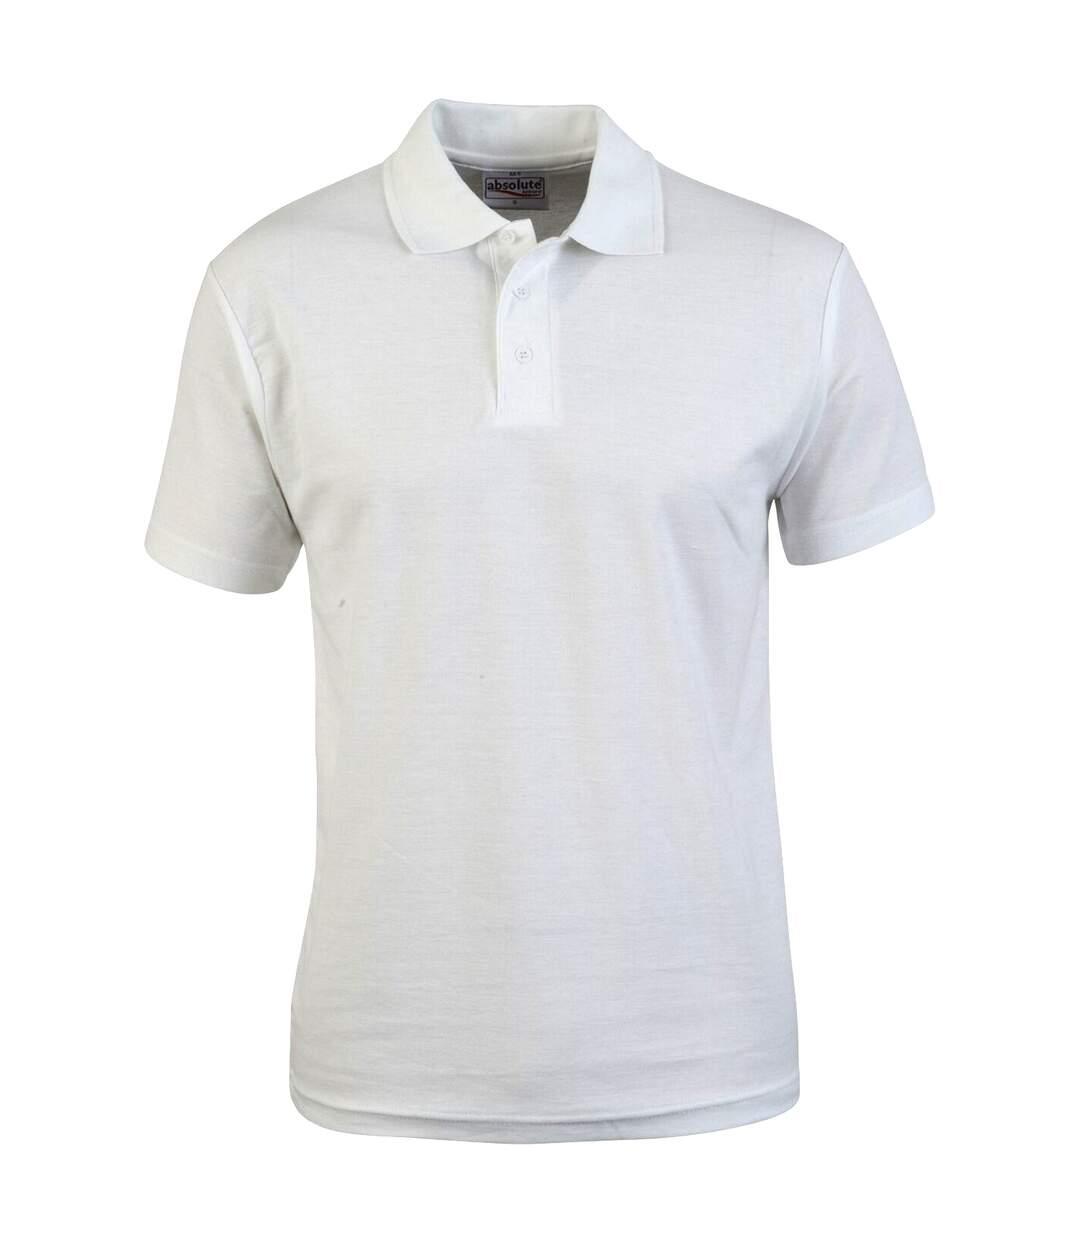 Absolute Apparel Mens Pioneer Polo (White) - UTAB104